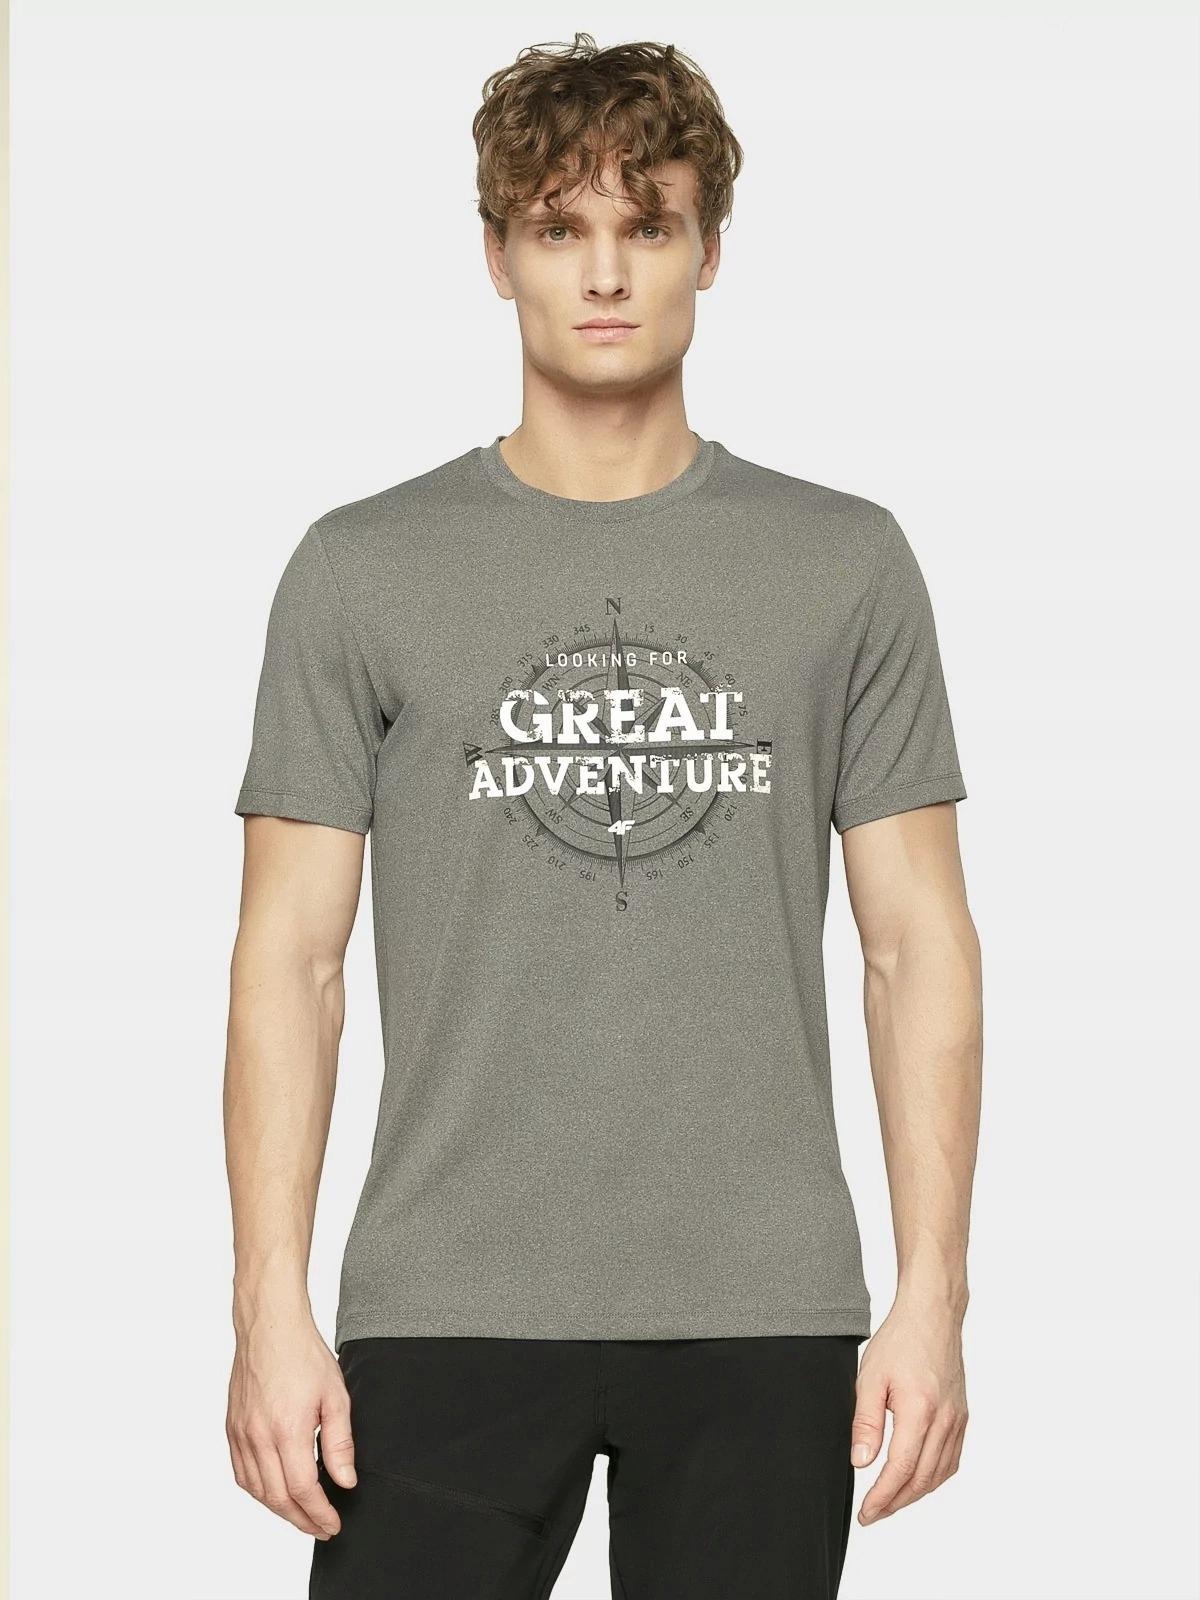 Koszulka męska T-SHIRT 4F termoaktywna TSMF061 L 9453030202 qiCtx4Dp